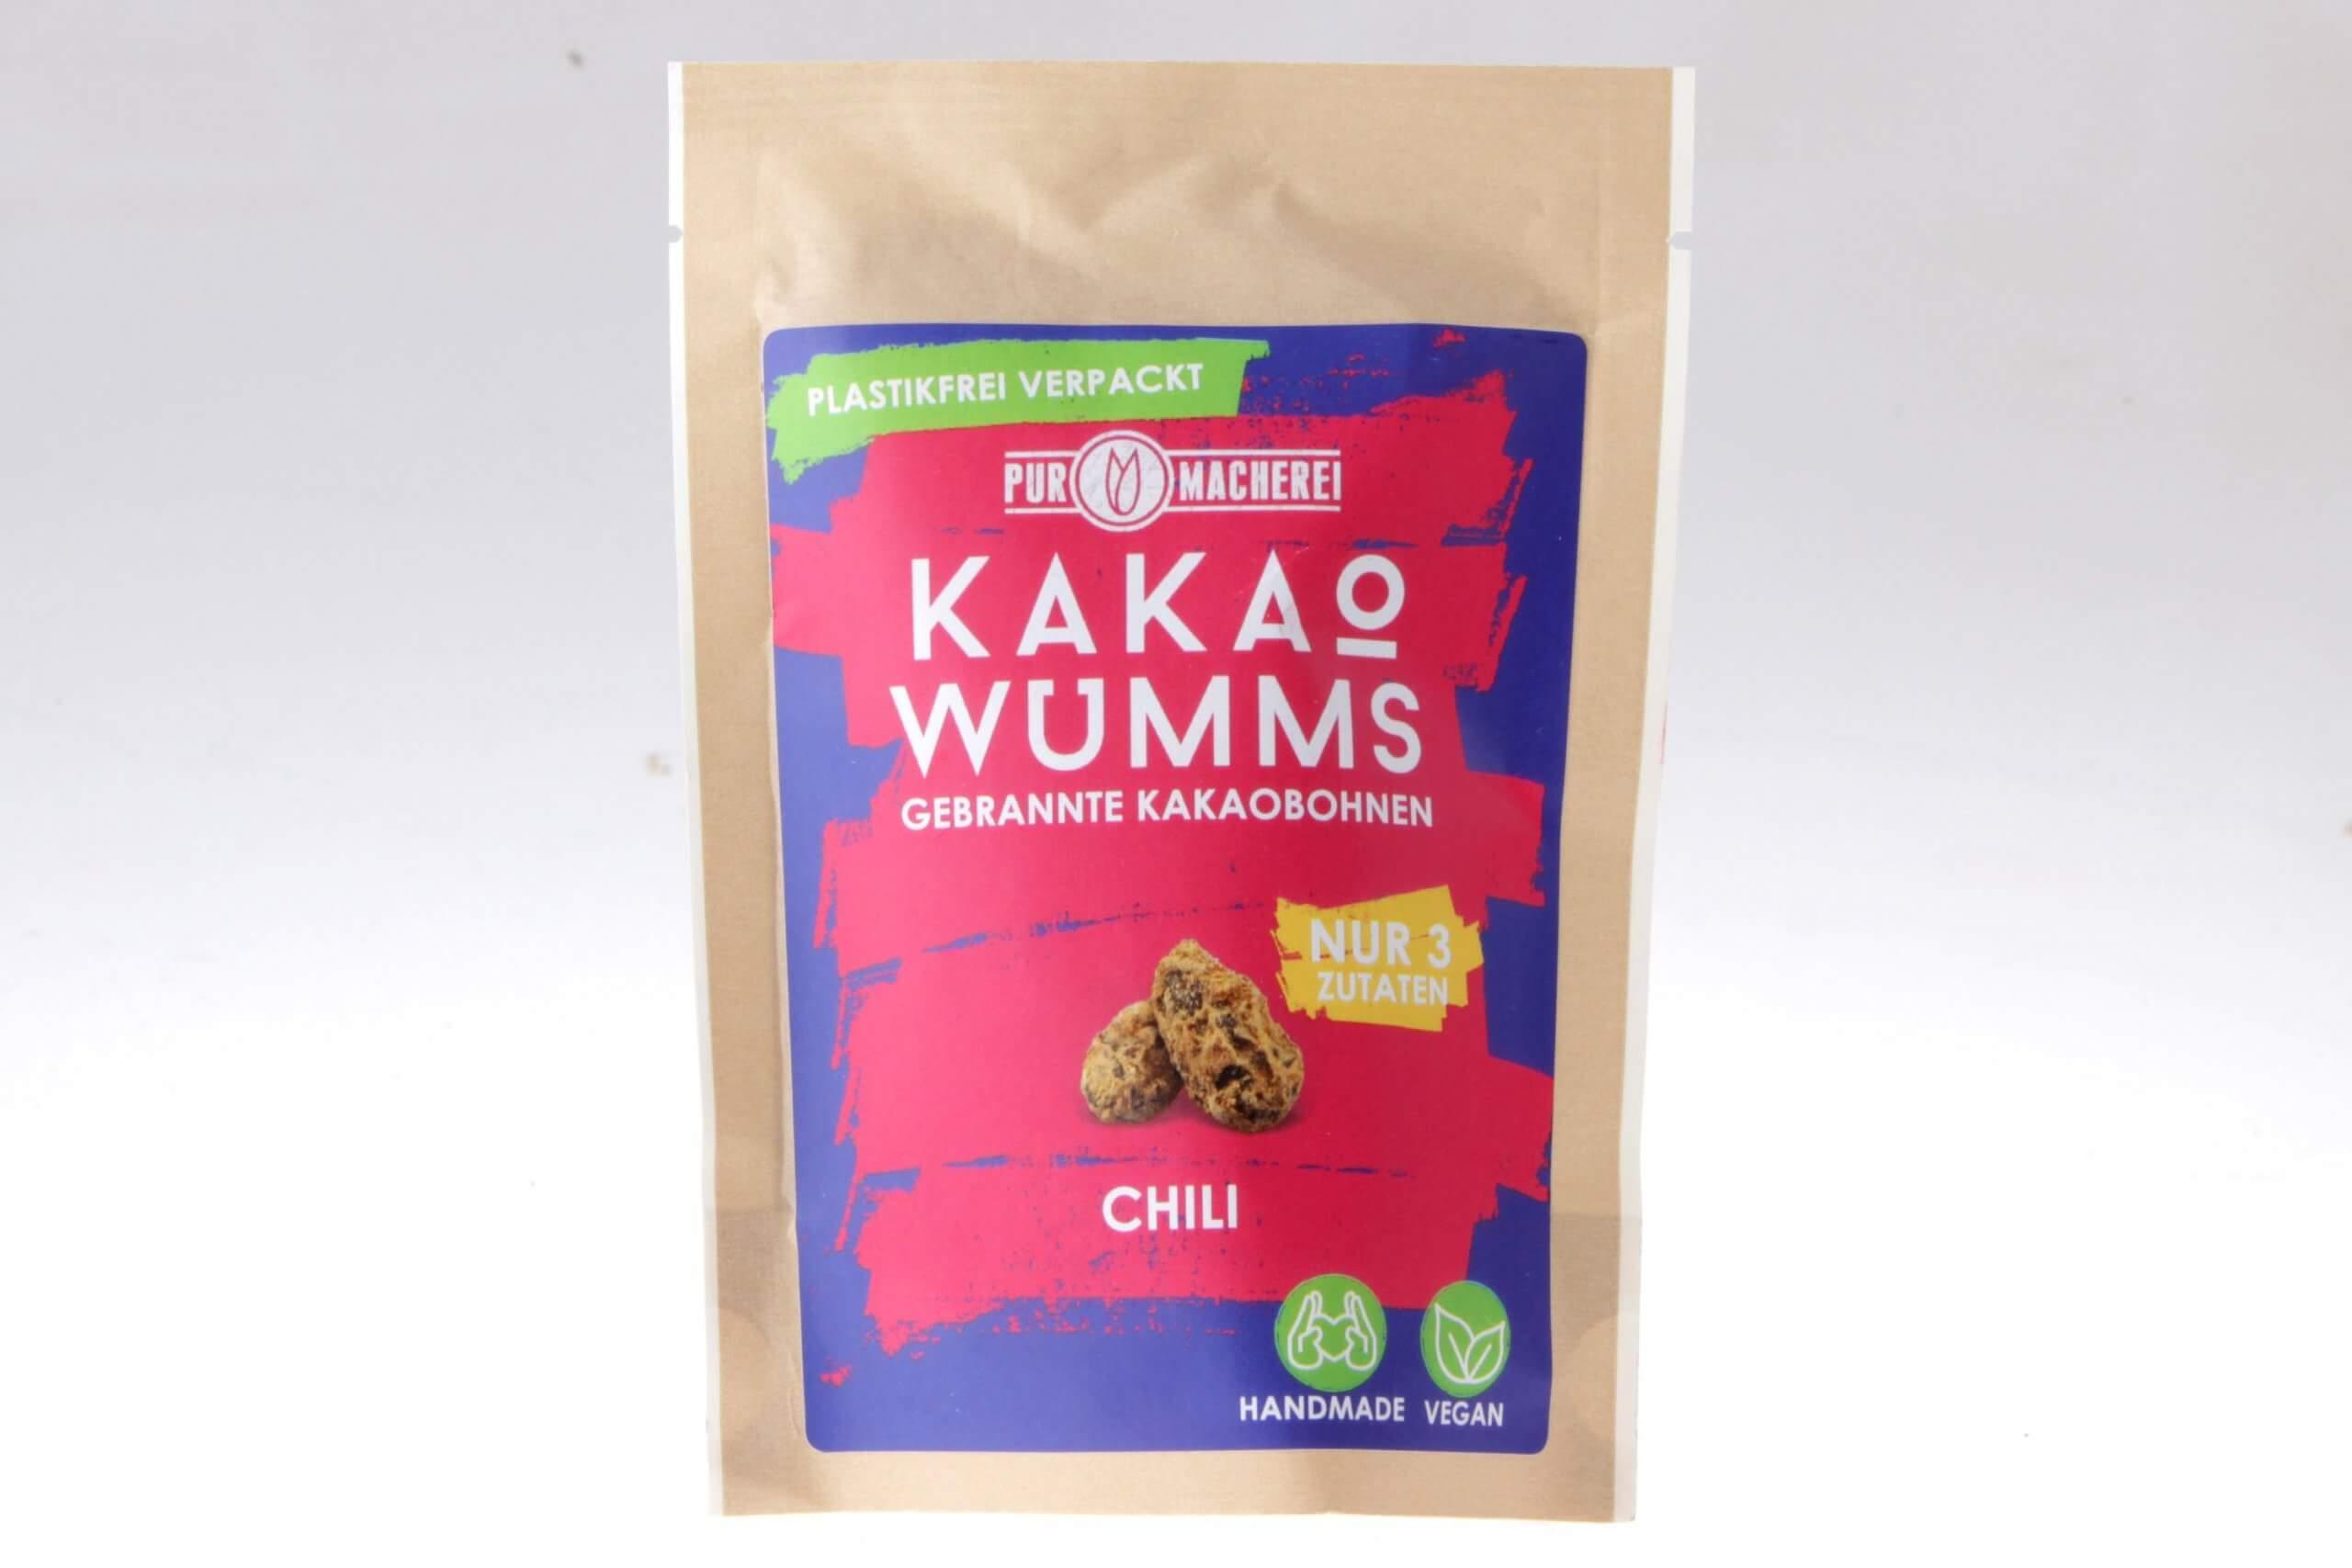 KakaoWUMMS Chili von feinjemacht